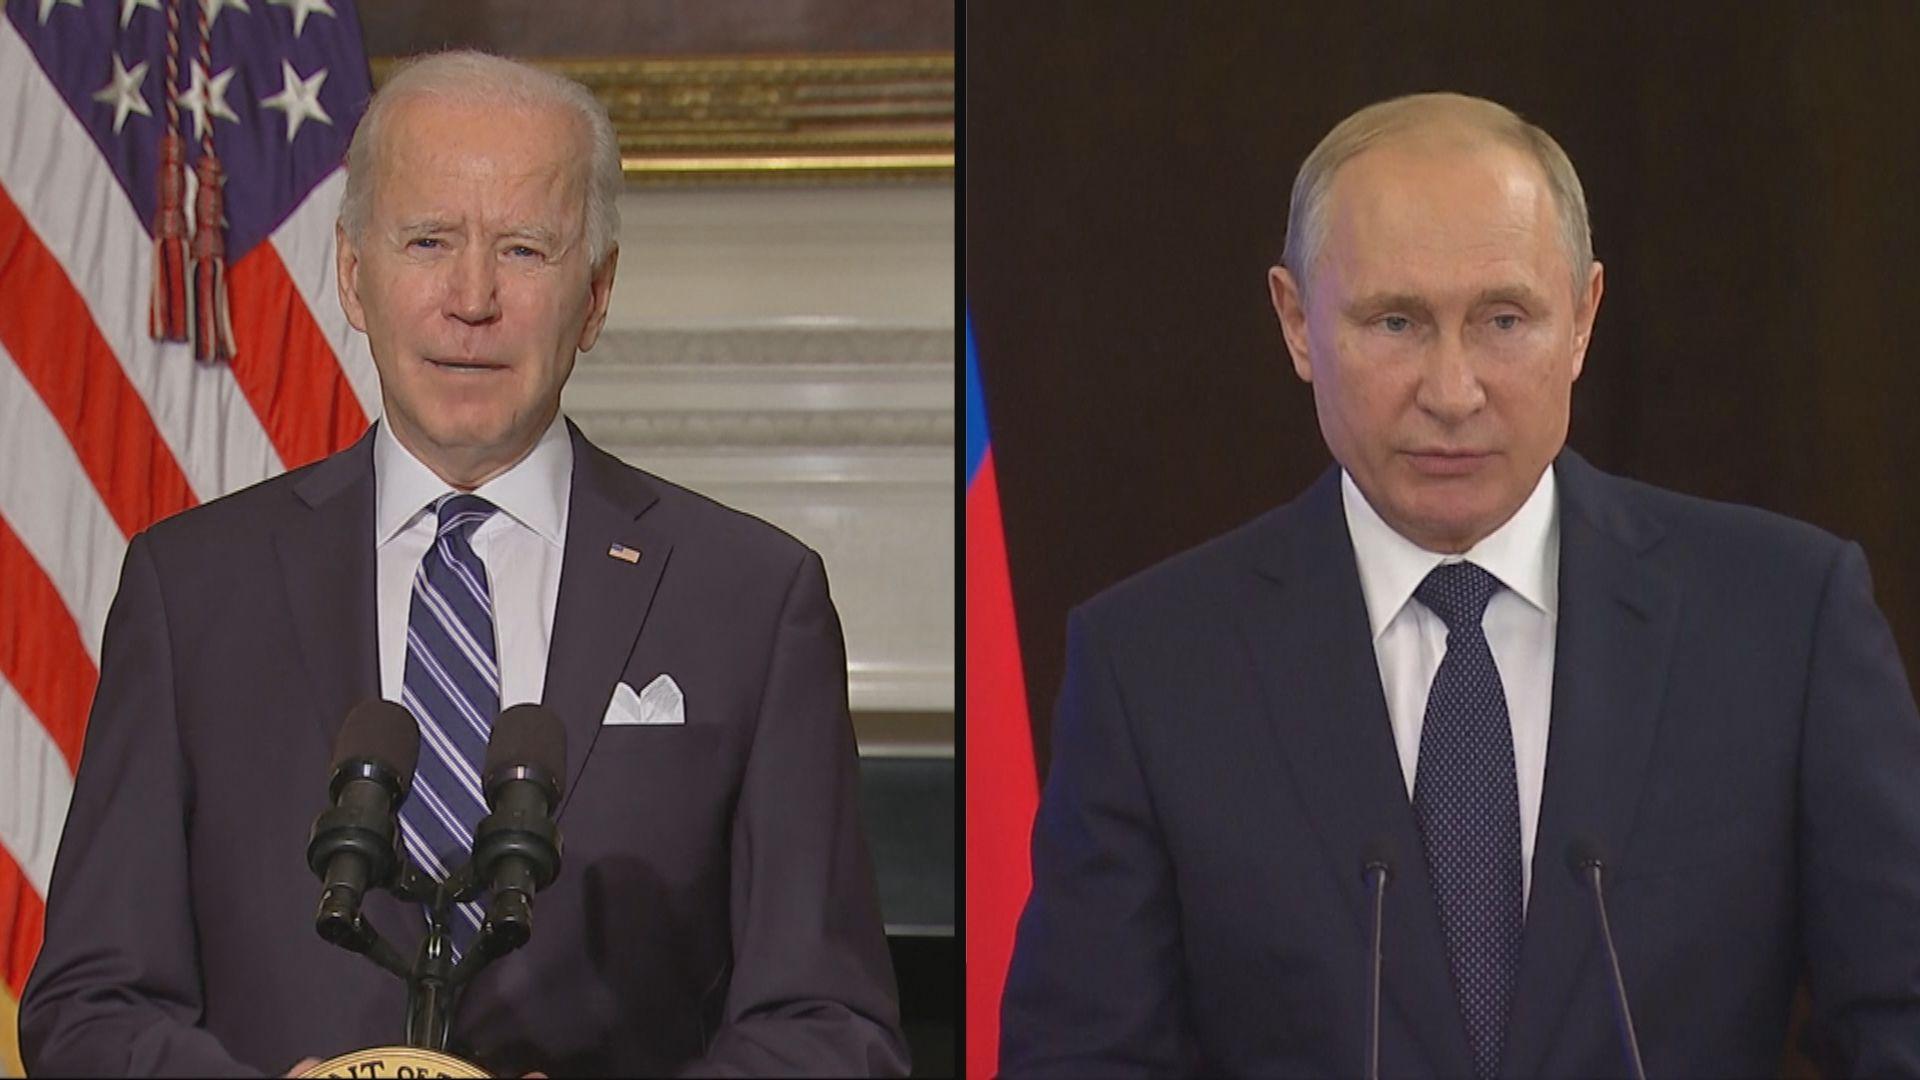 美冀對話穩定美俄關係 拜登或藉機削中俄關係集中制華